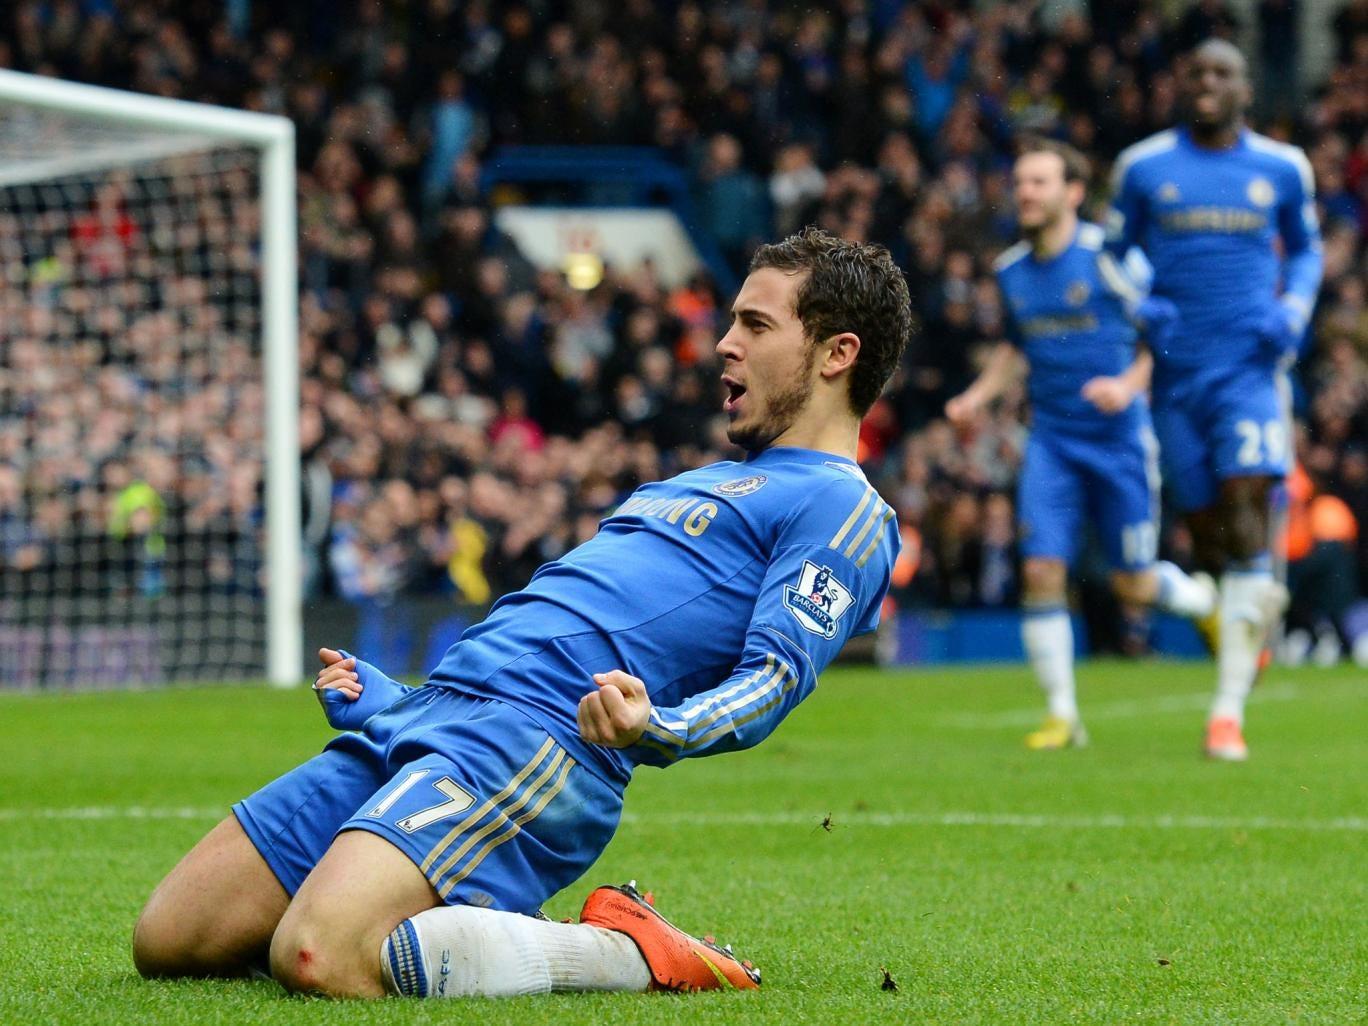 Chelsea's Belgian midfielder Eden Hazard (2nd R) celebrates after scoring his team's second goal